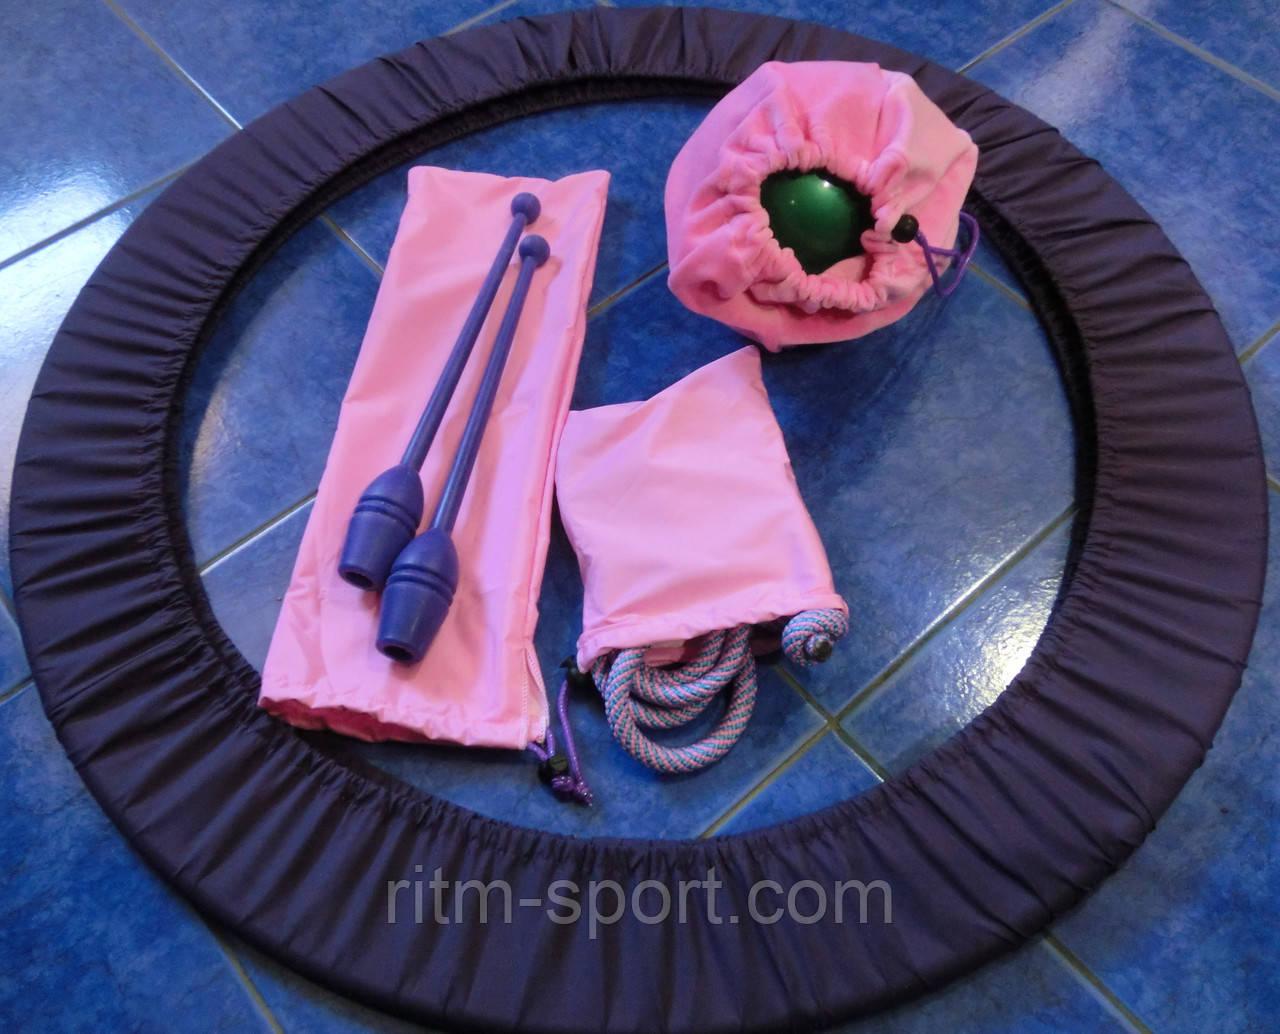 Набор чехлов на обруч, булавы, скакалку, мяч розовый/темно-синий